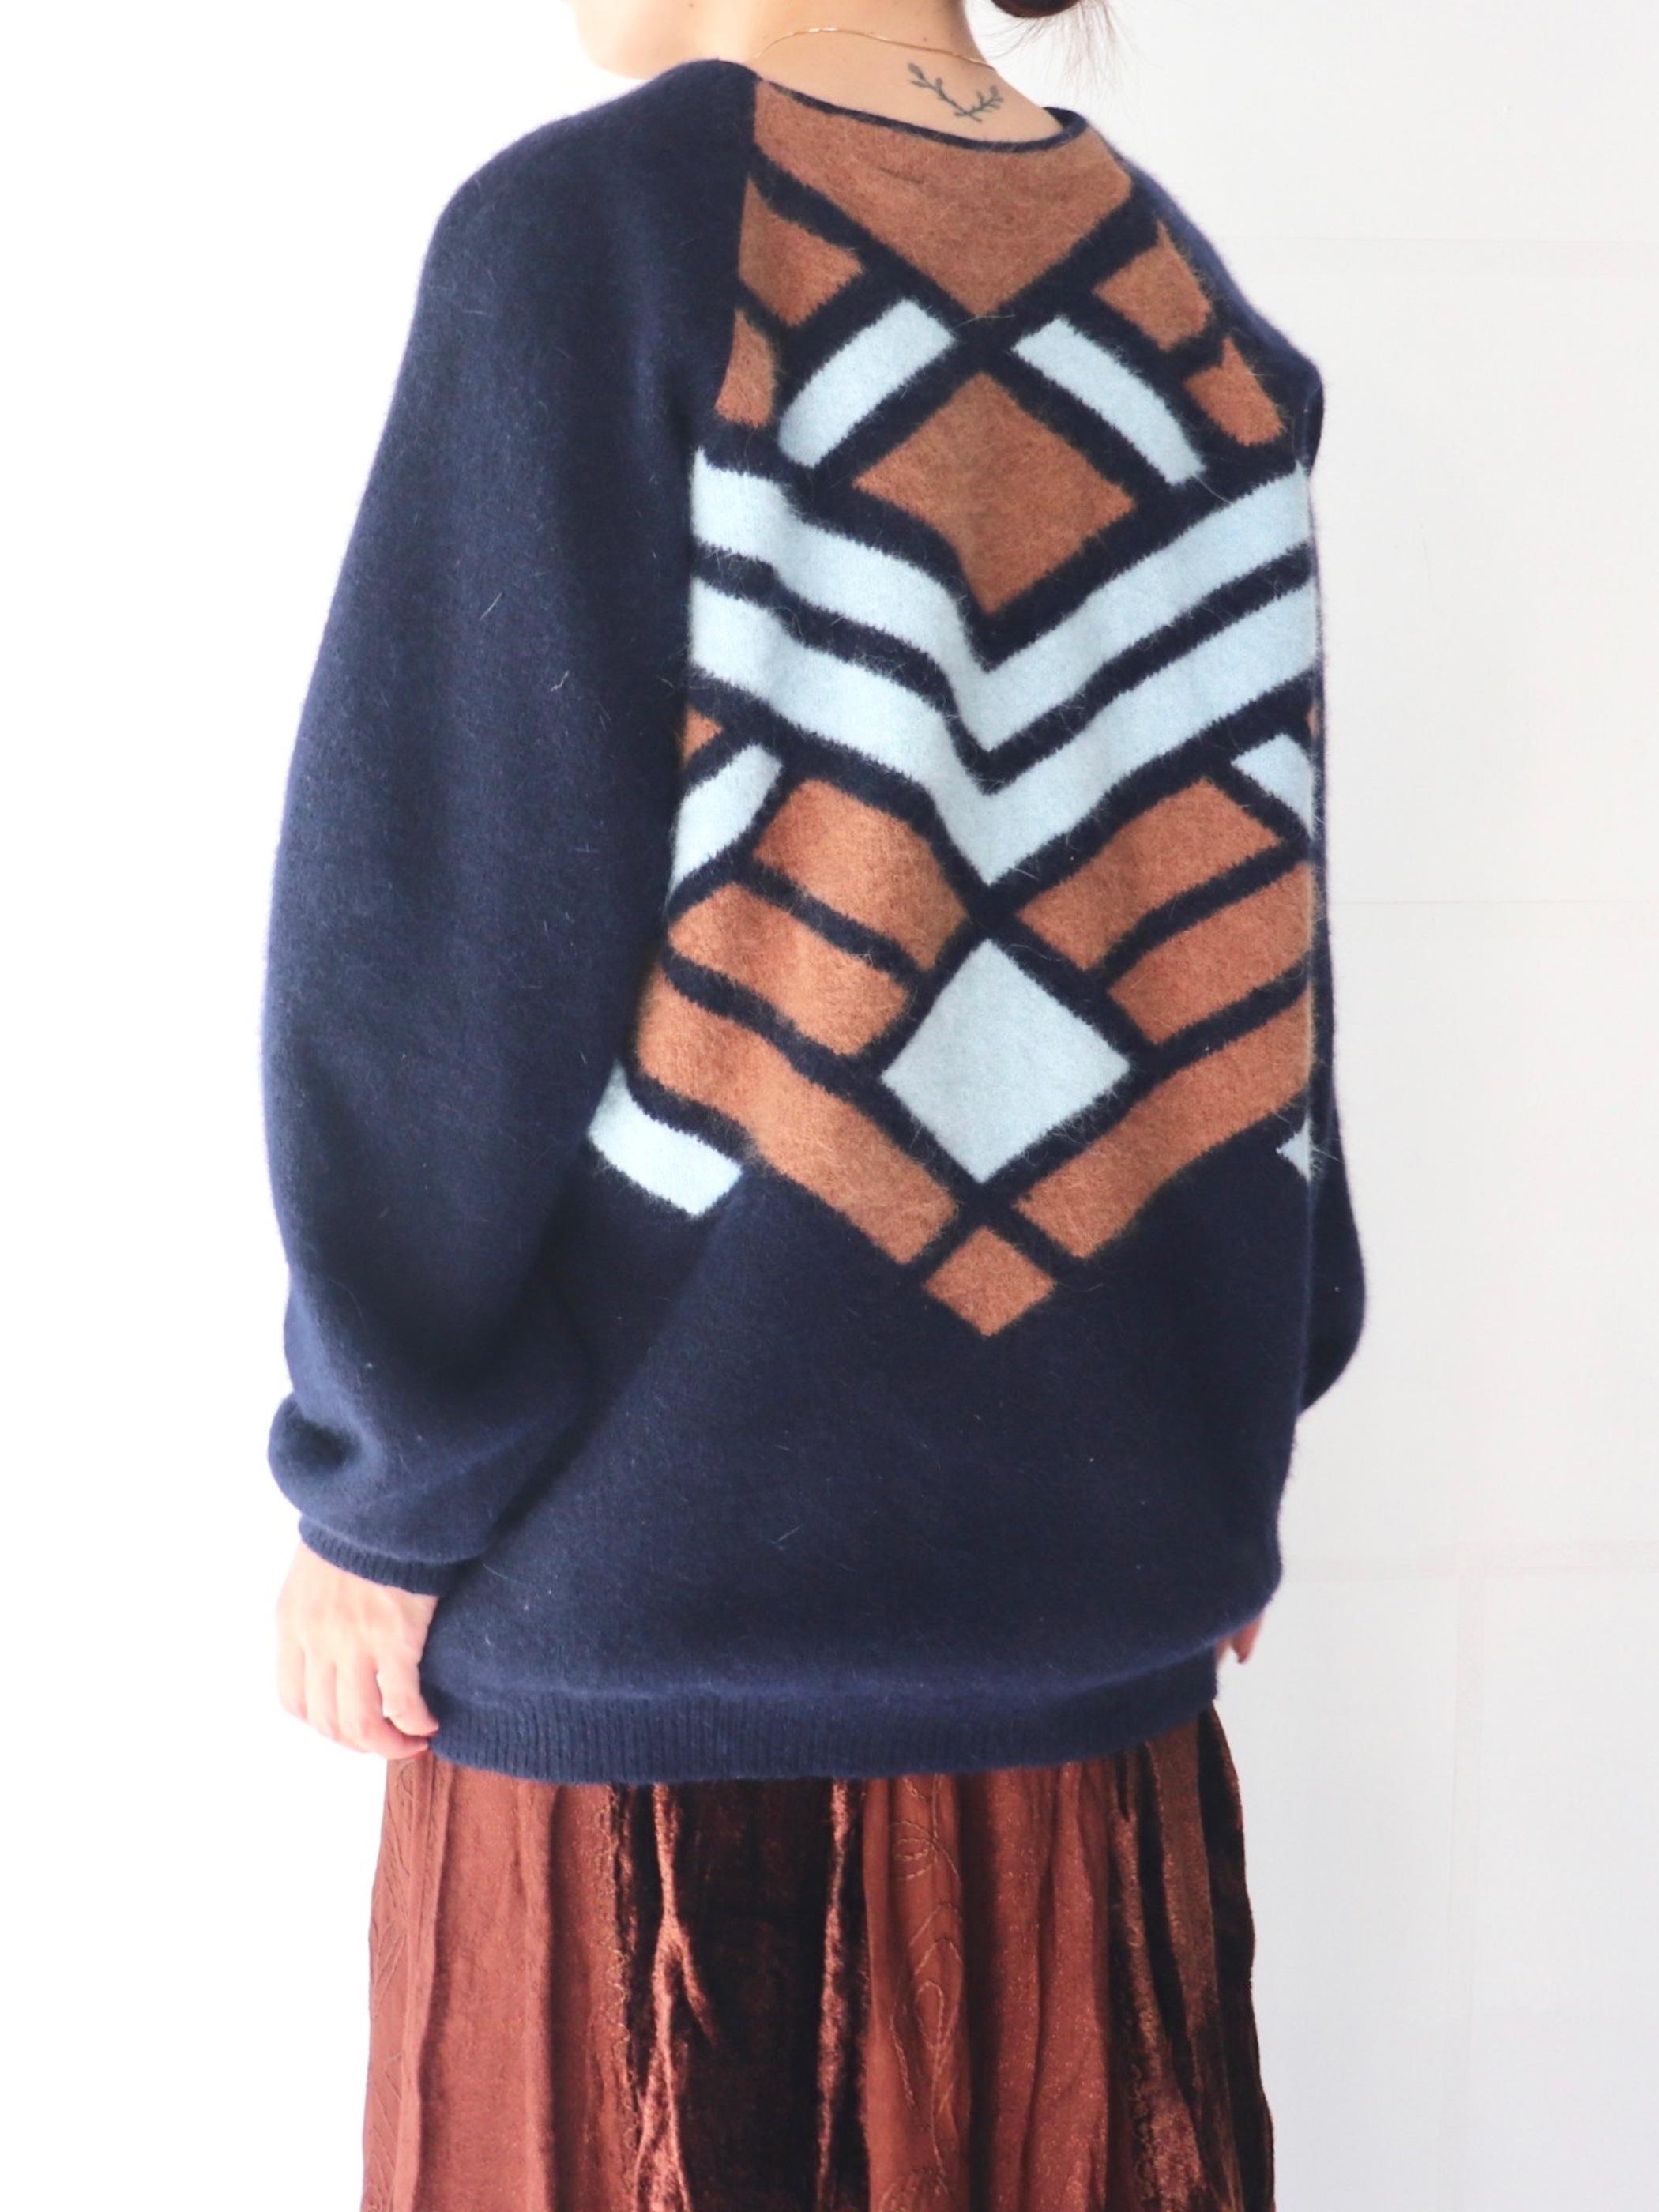 Euro pattern knit sweater